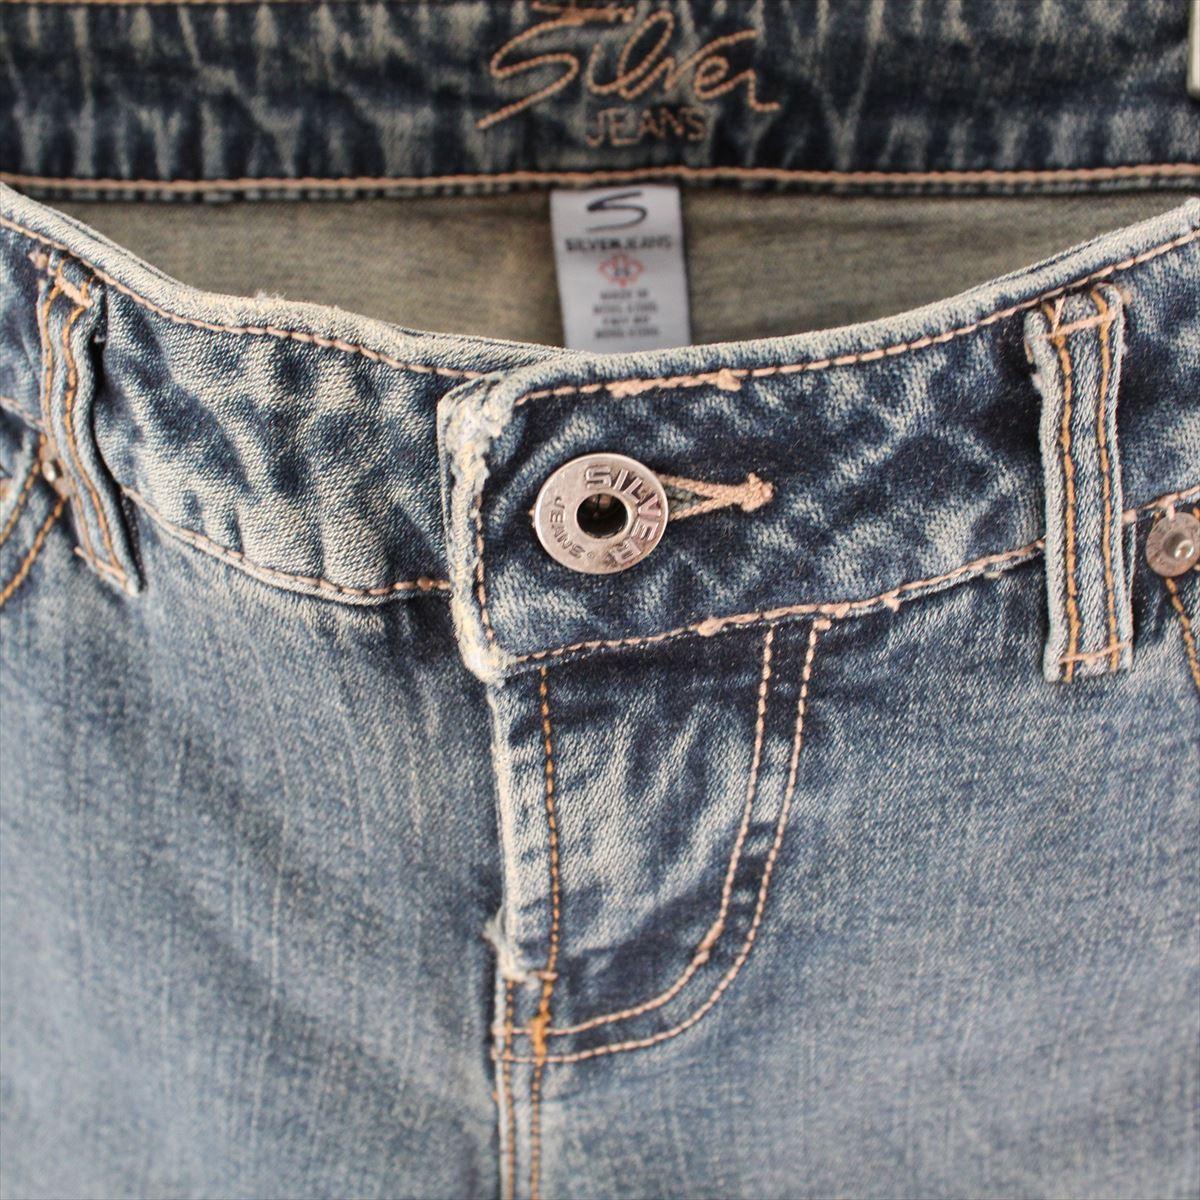 シルバージーンズ Silver Jeans レディースデニムパンツ 25インチ 新品_画像3